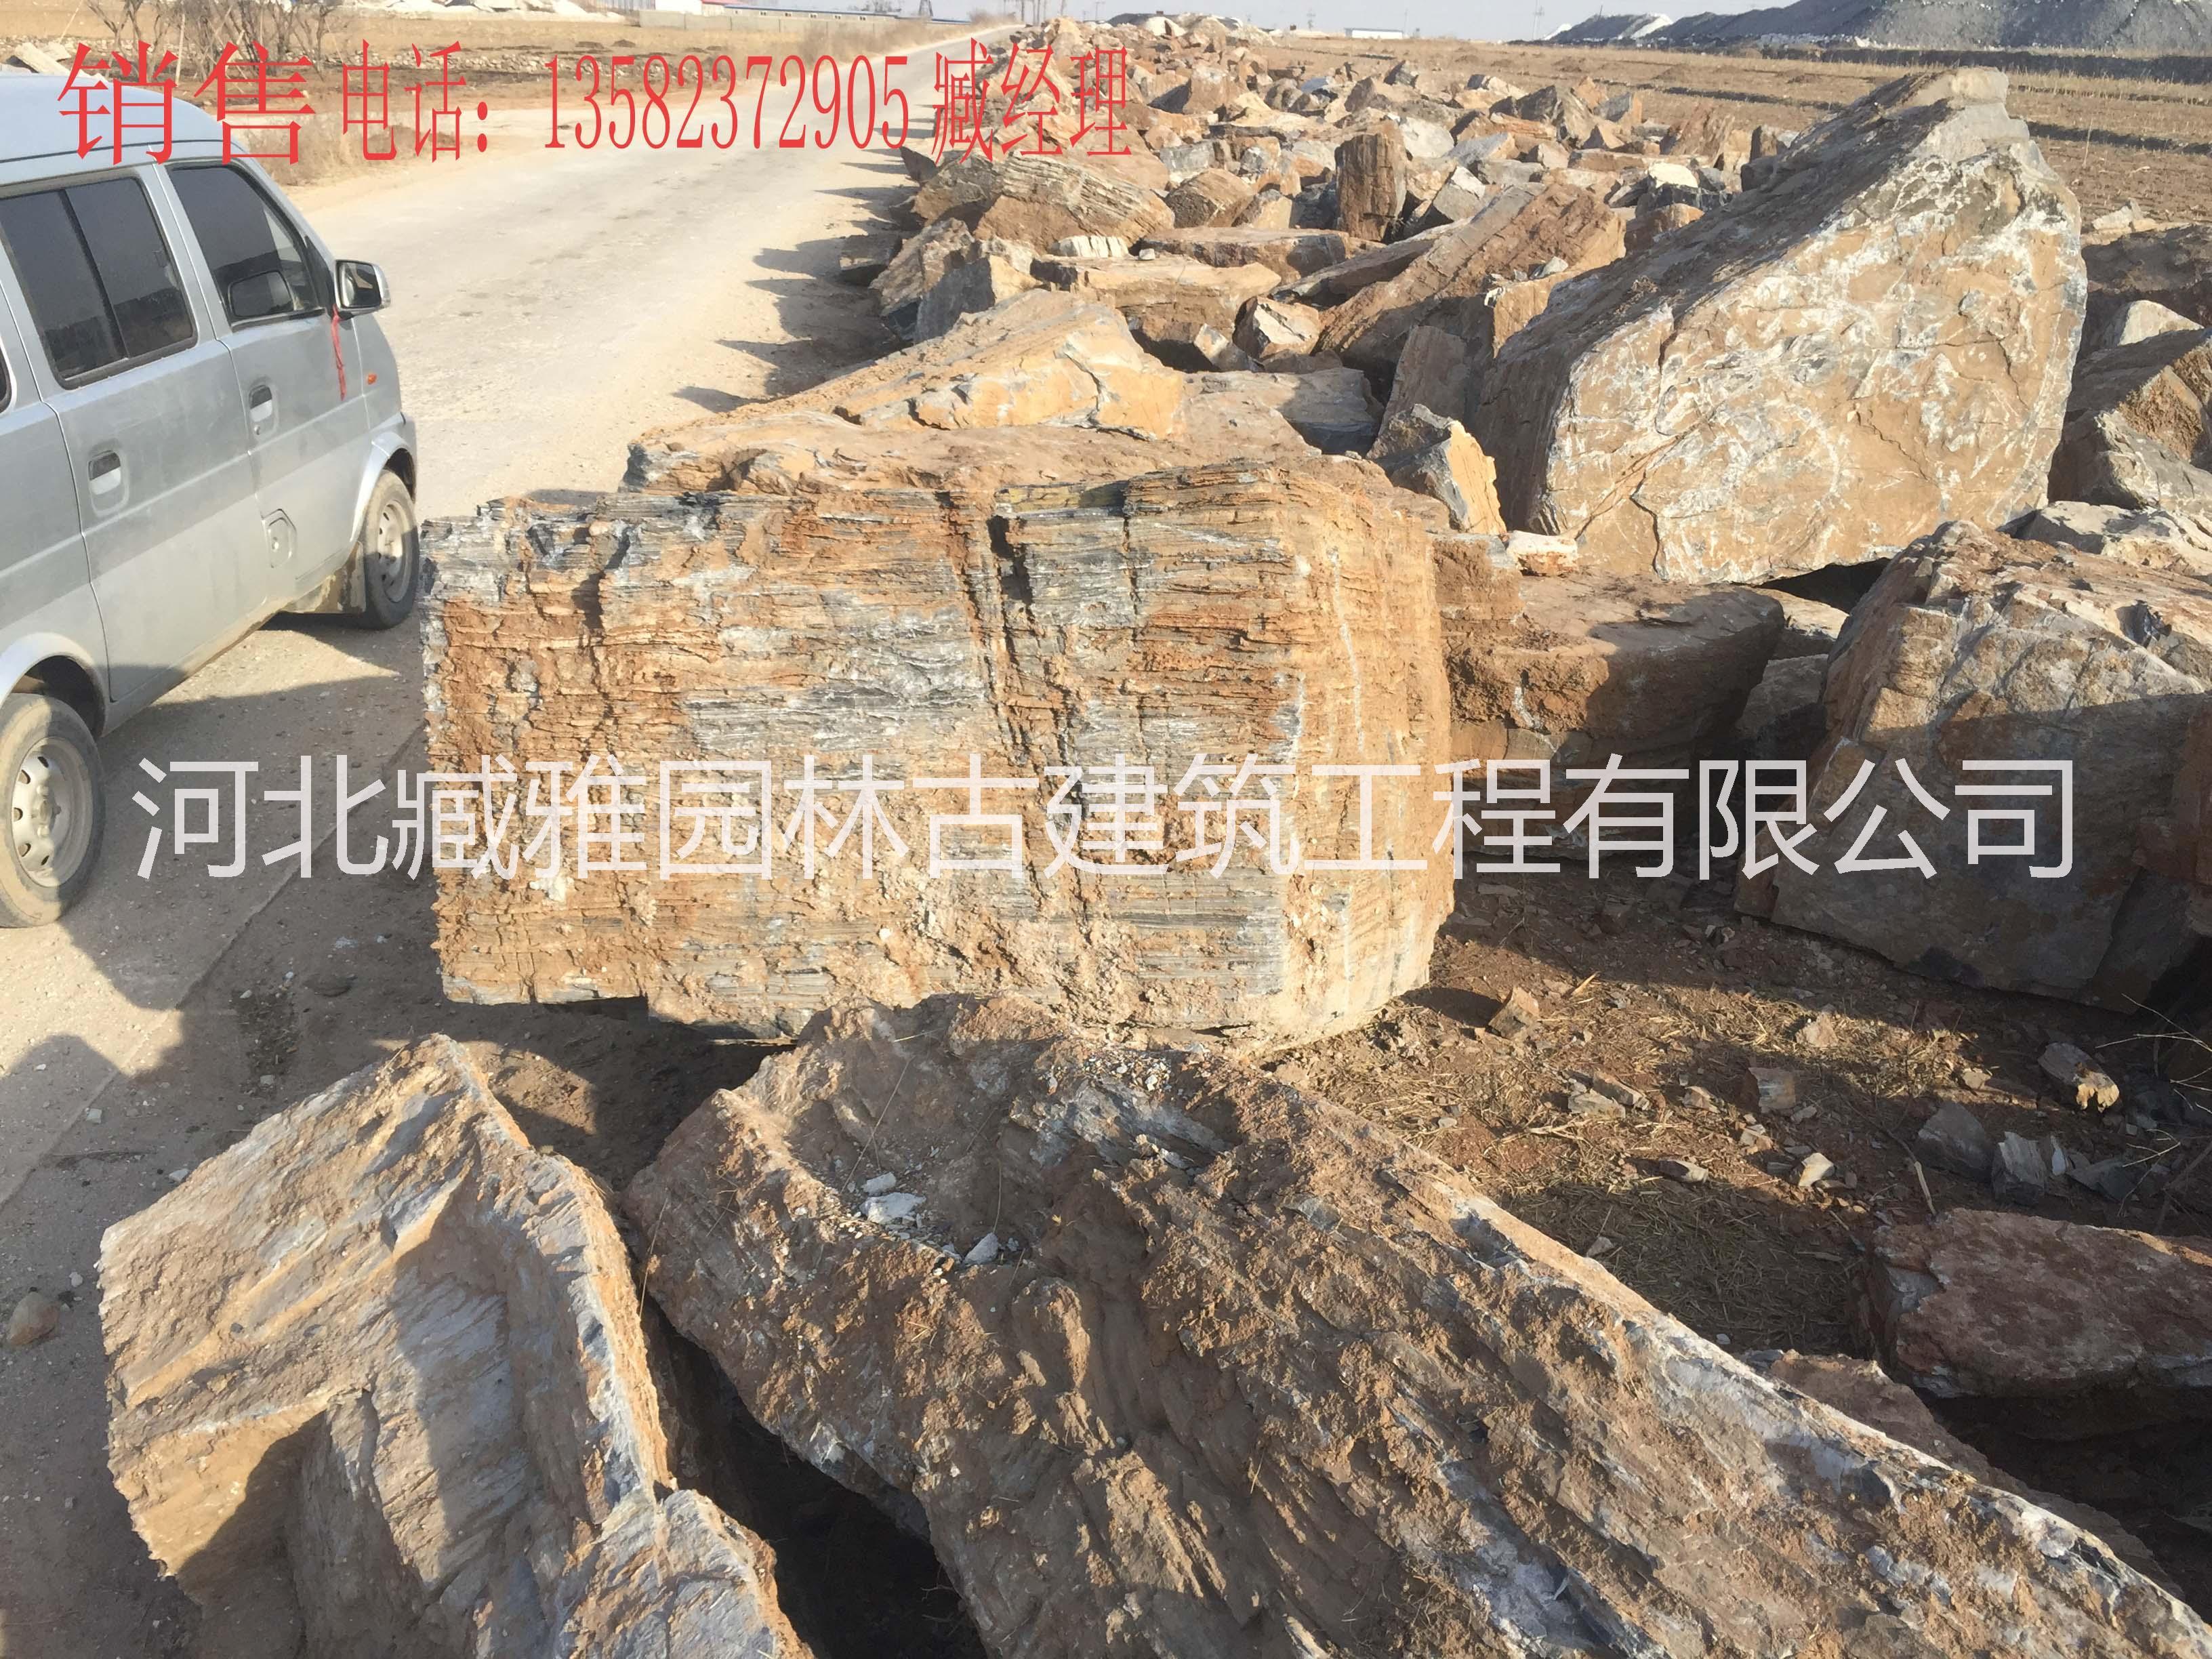 供应千层石13582372905-层石价格-千层石厂家直销-唐县千层石销售